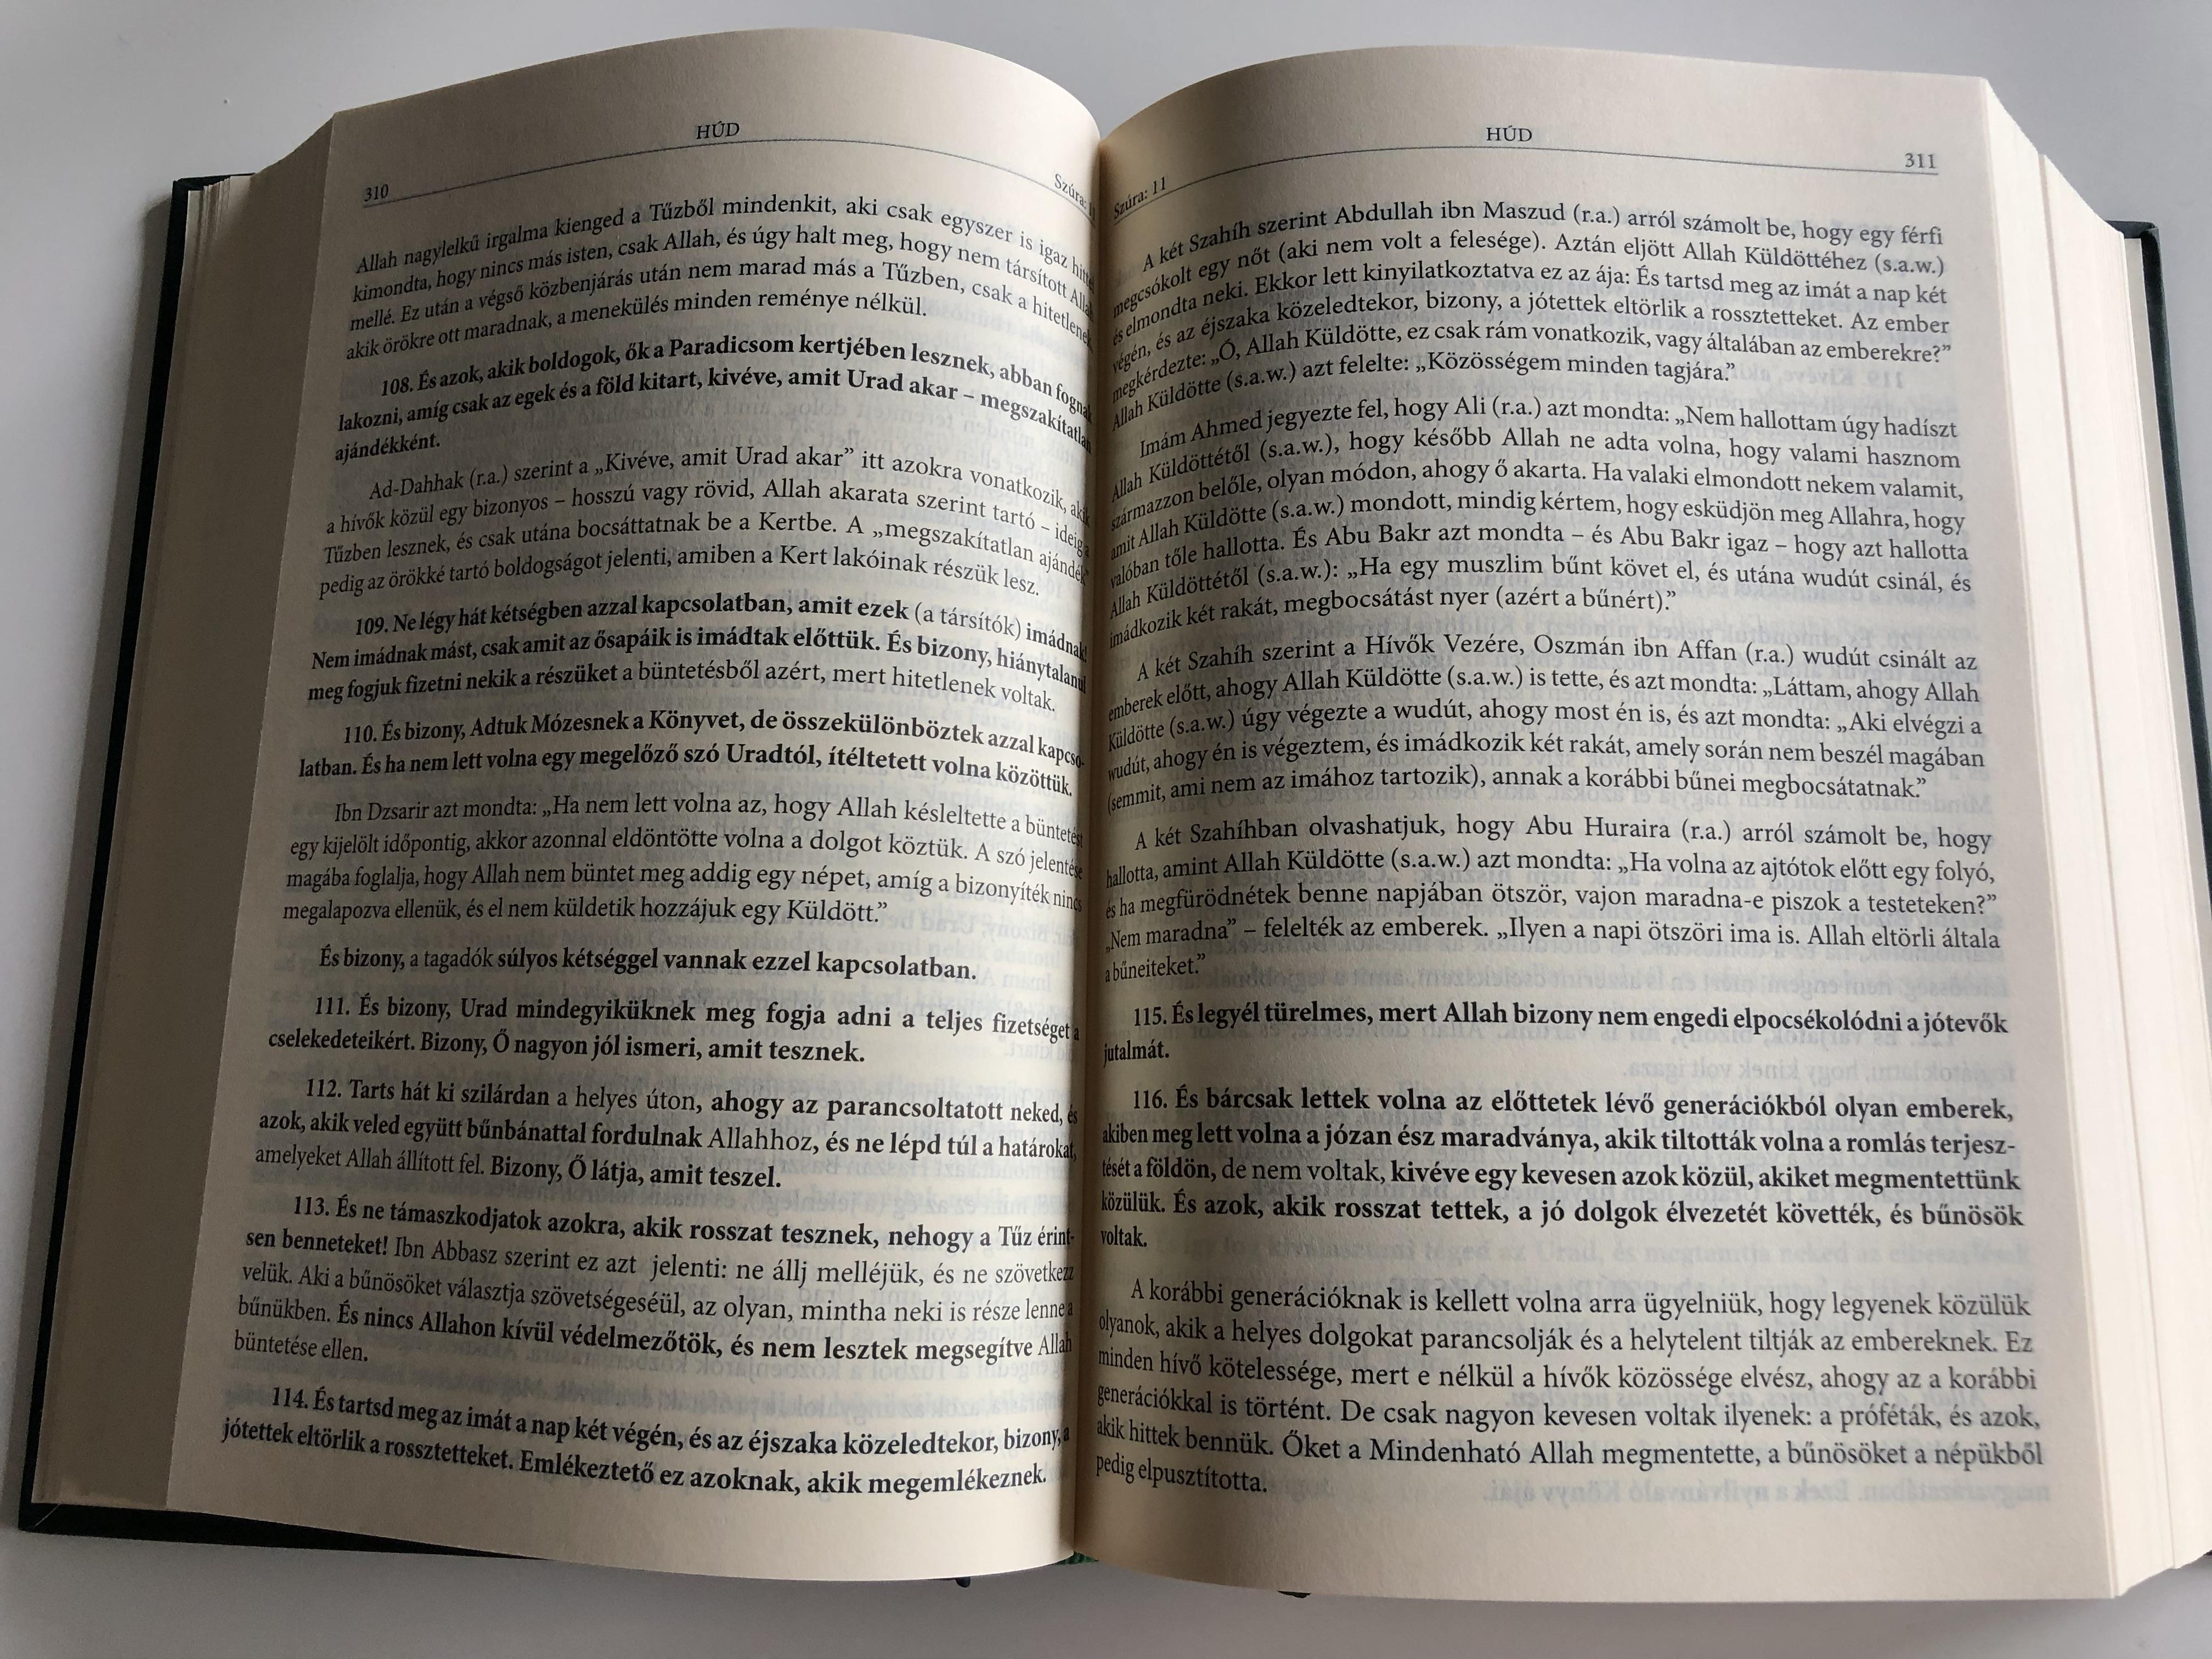 kegyes-kor-n-hungarian-interpretation-of-the-qur-an-a-pr-f-ta-v-ros-b-lm-a-f-nyes-medin-b-l-sz-rmaz-kor-n-alapj-n-hardcover-2010-hanif-iszl-m-11-.jpg